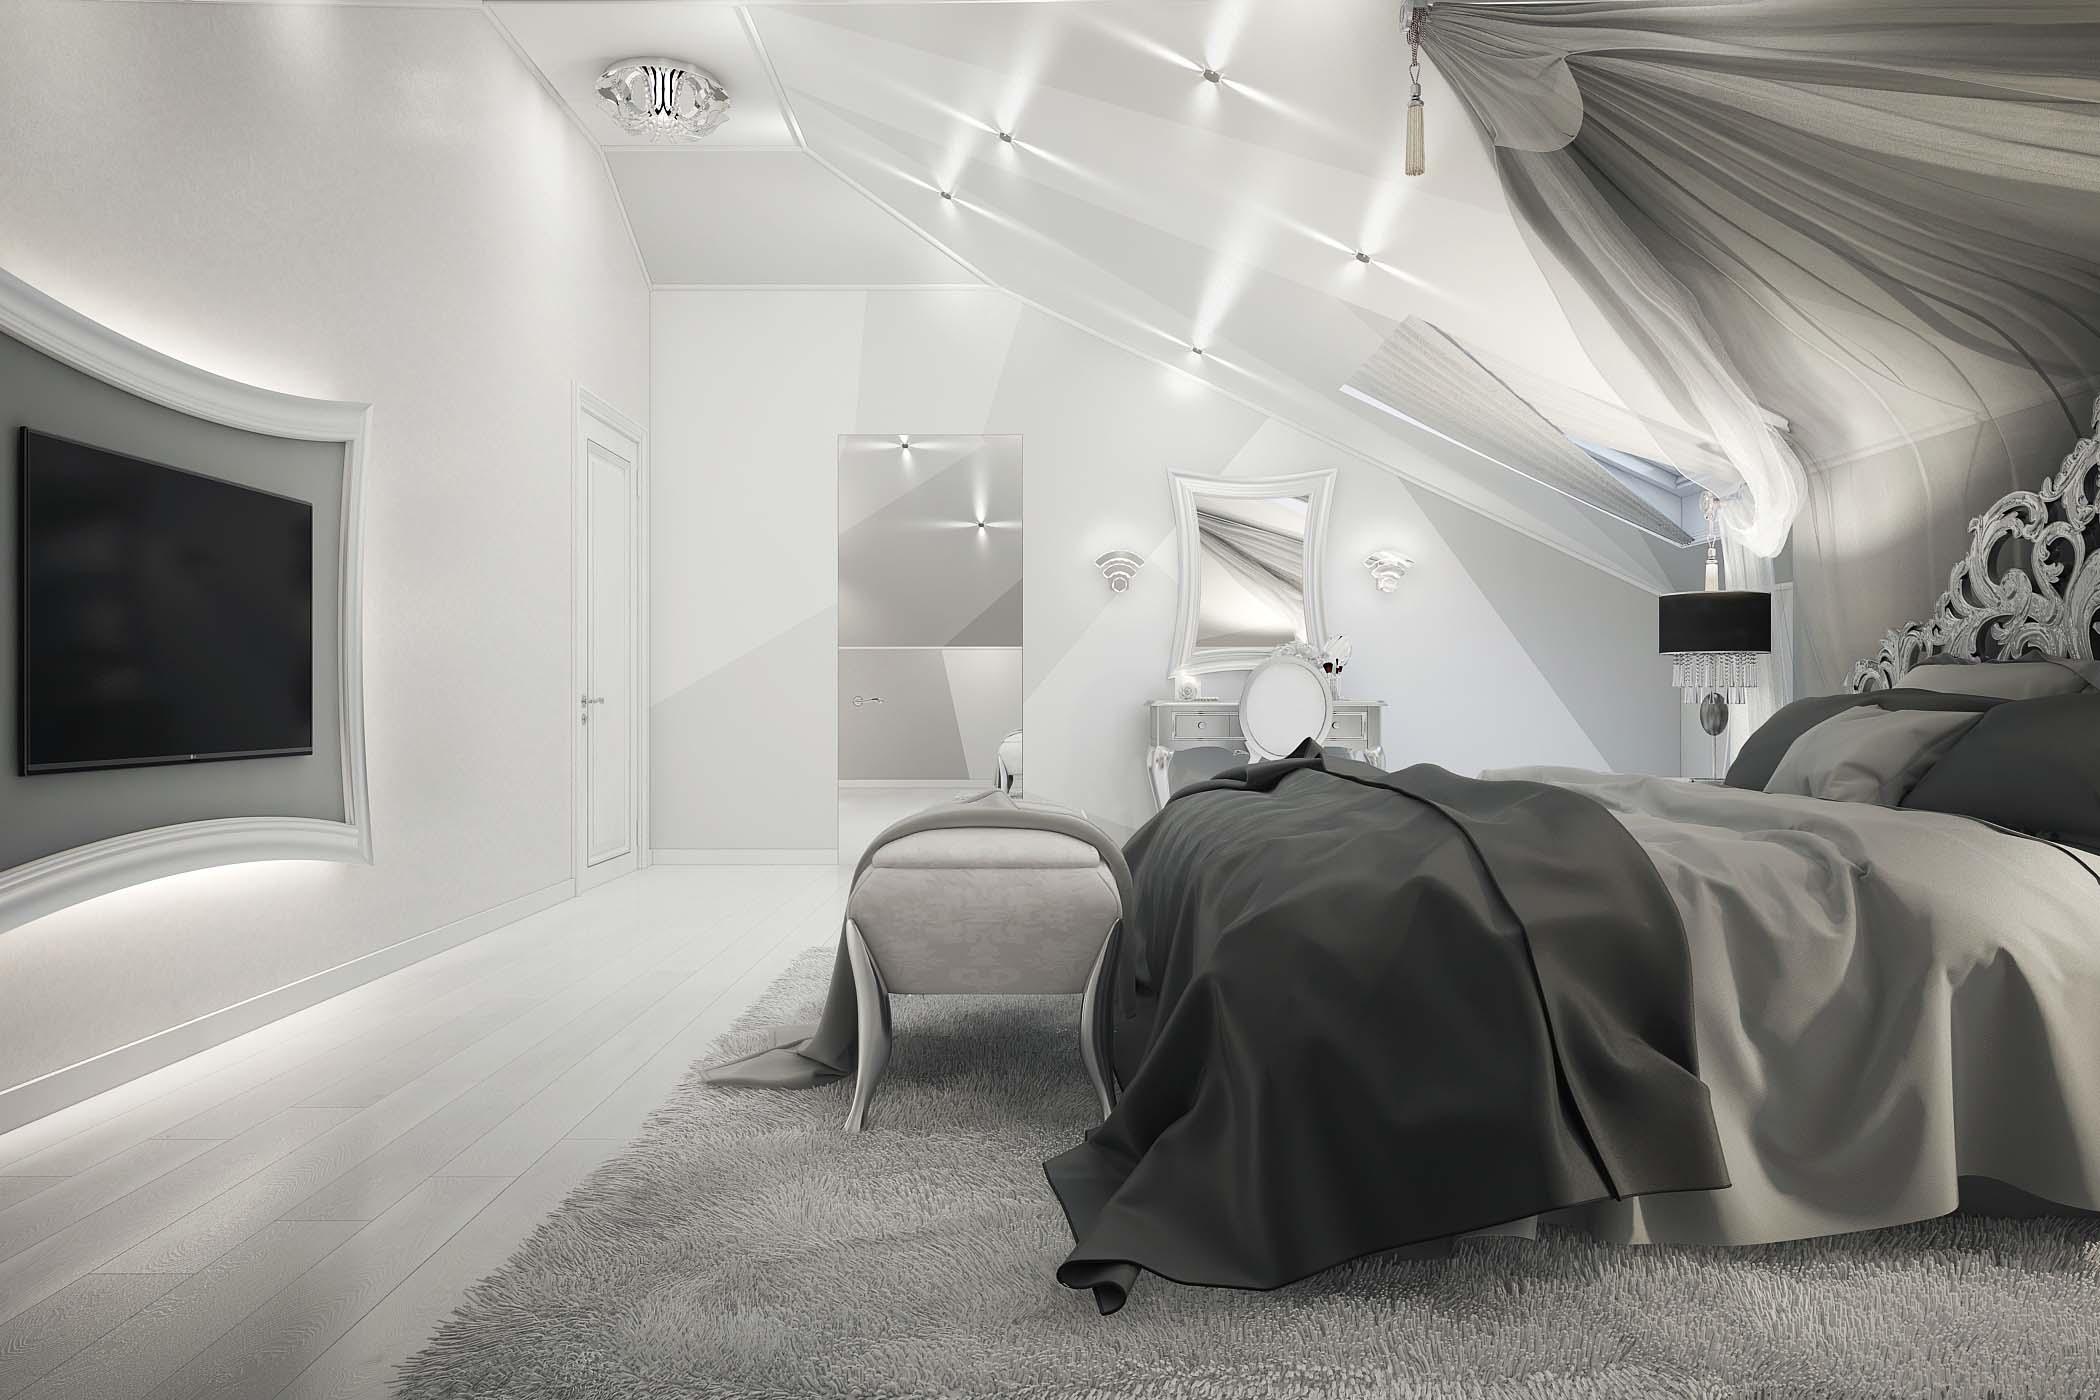 Дизайн интерьера спальни в снежно-белых тонах